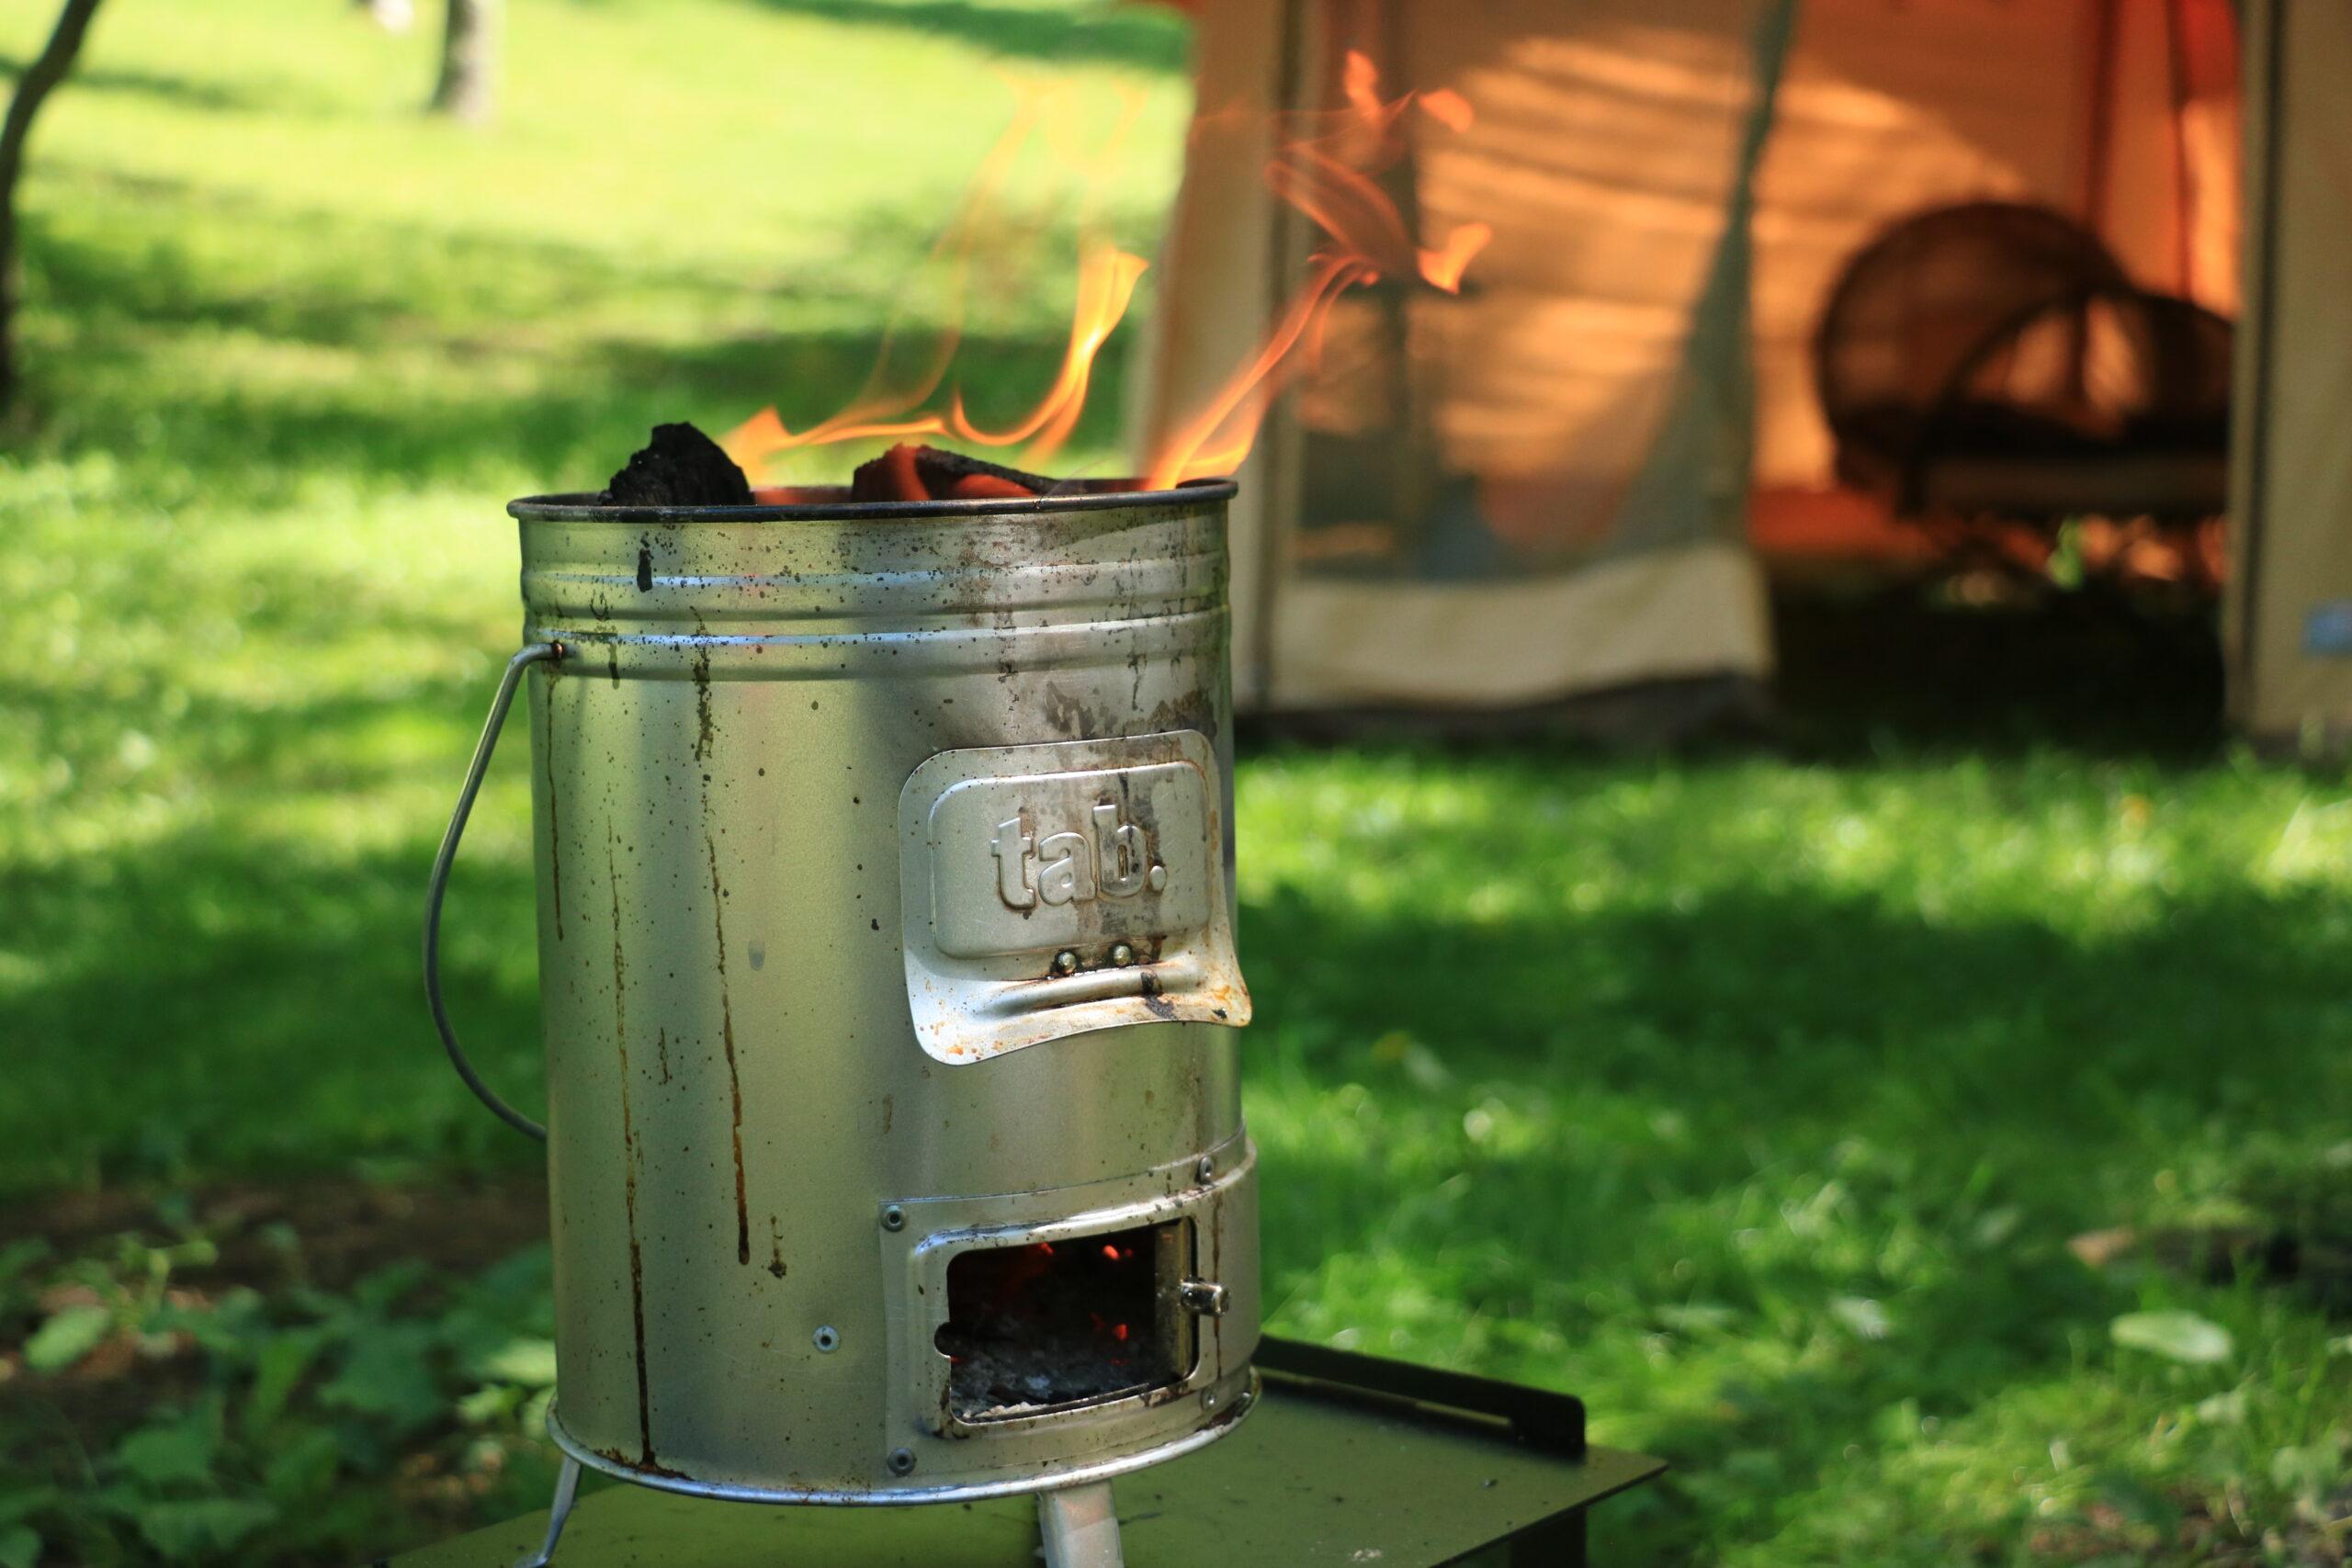 久しぶりにダサカッコ可愛いイケてる焚火台?BBQグリル?見つけたわ。【tab.マルチに使える缶ストーブ】